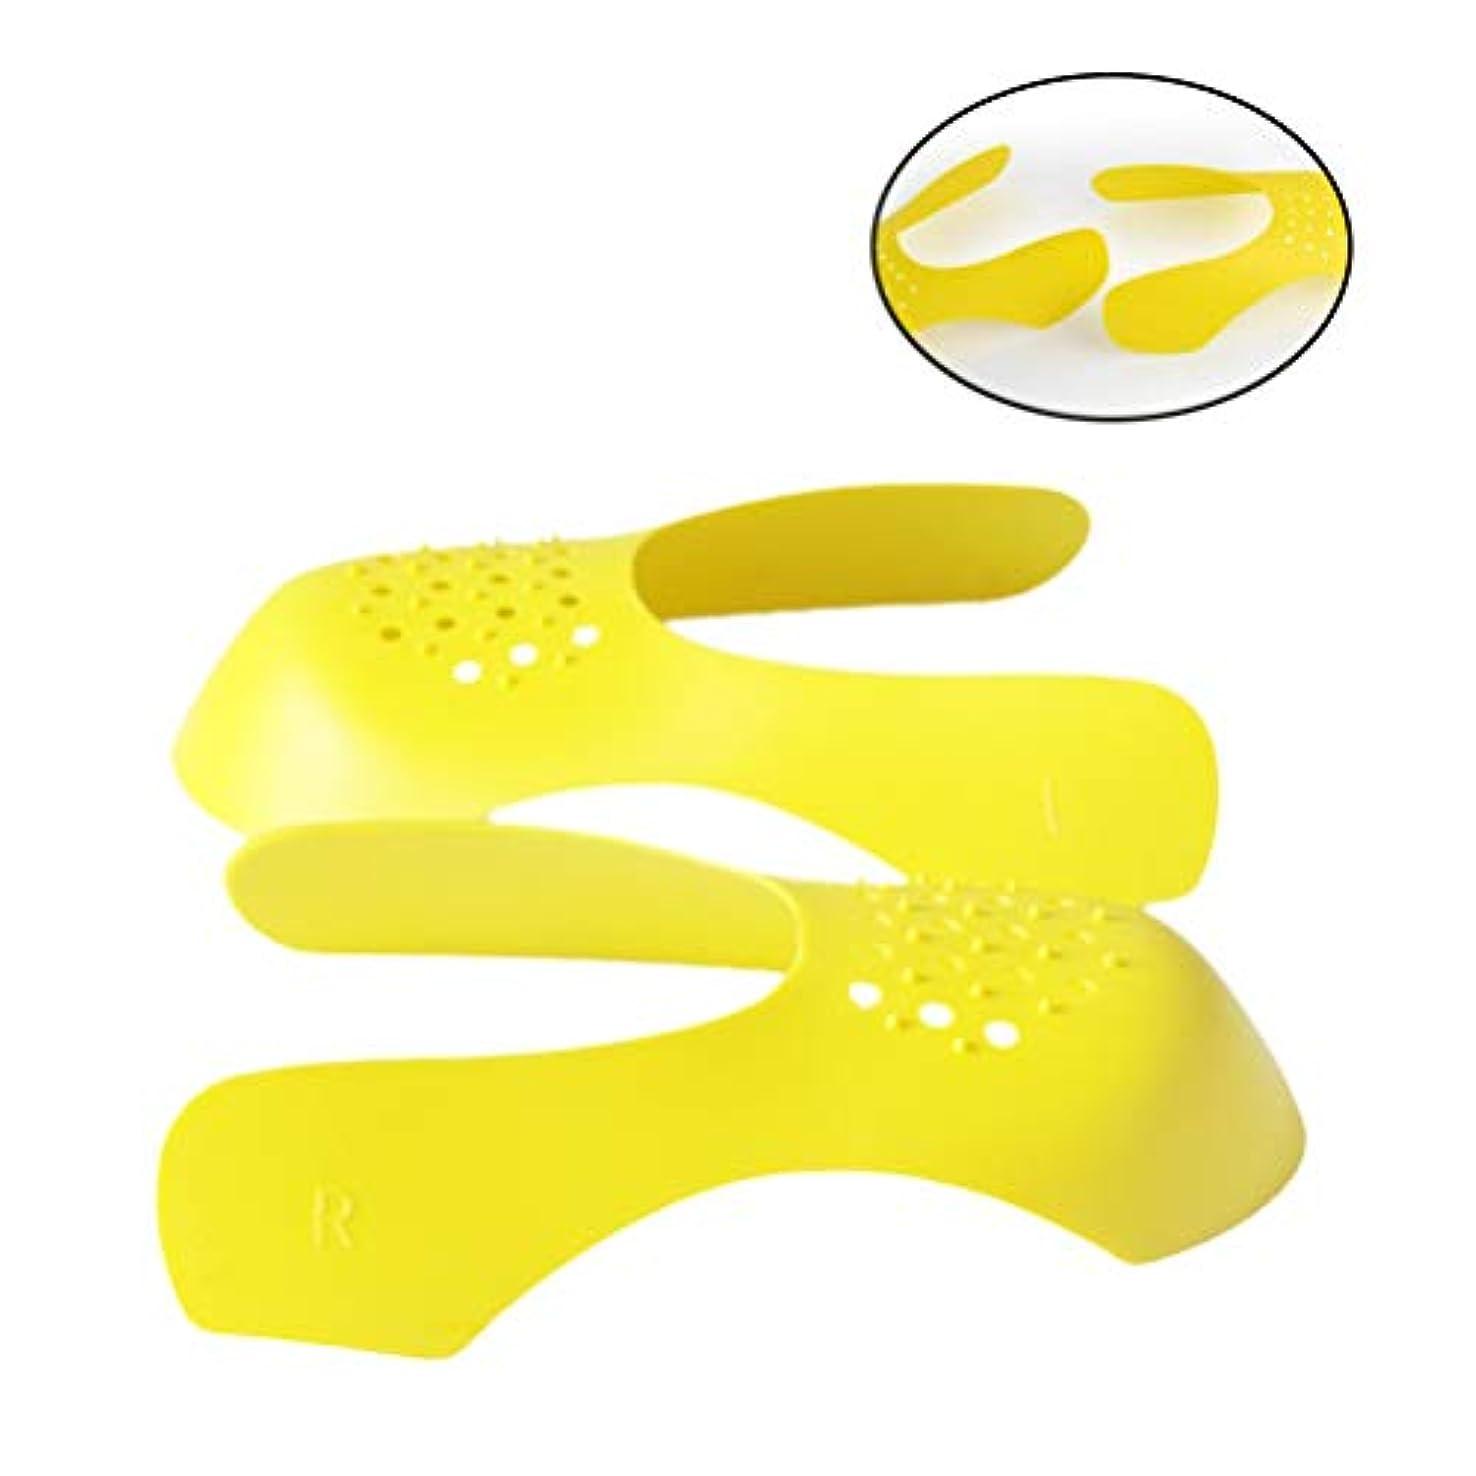 拡大するチャンバー教会HEALLILY 靴プロテクター1ペアしわ防止装置しわ防止フロントしわ靴サポートサイズl 40-45(黄色)